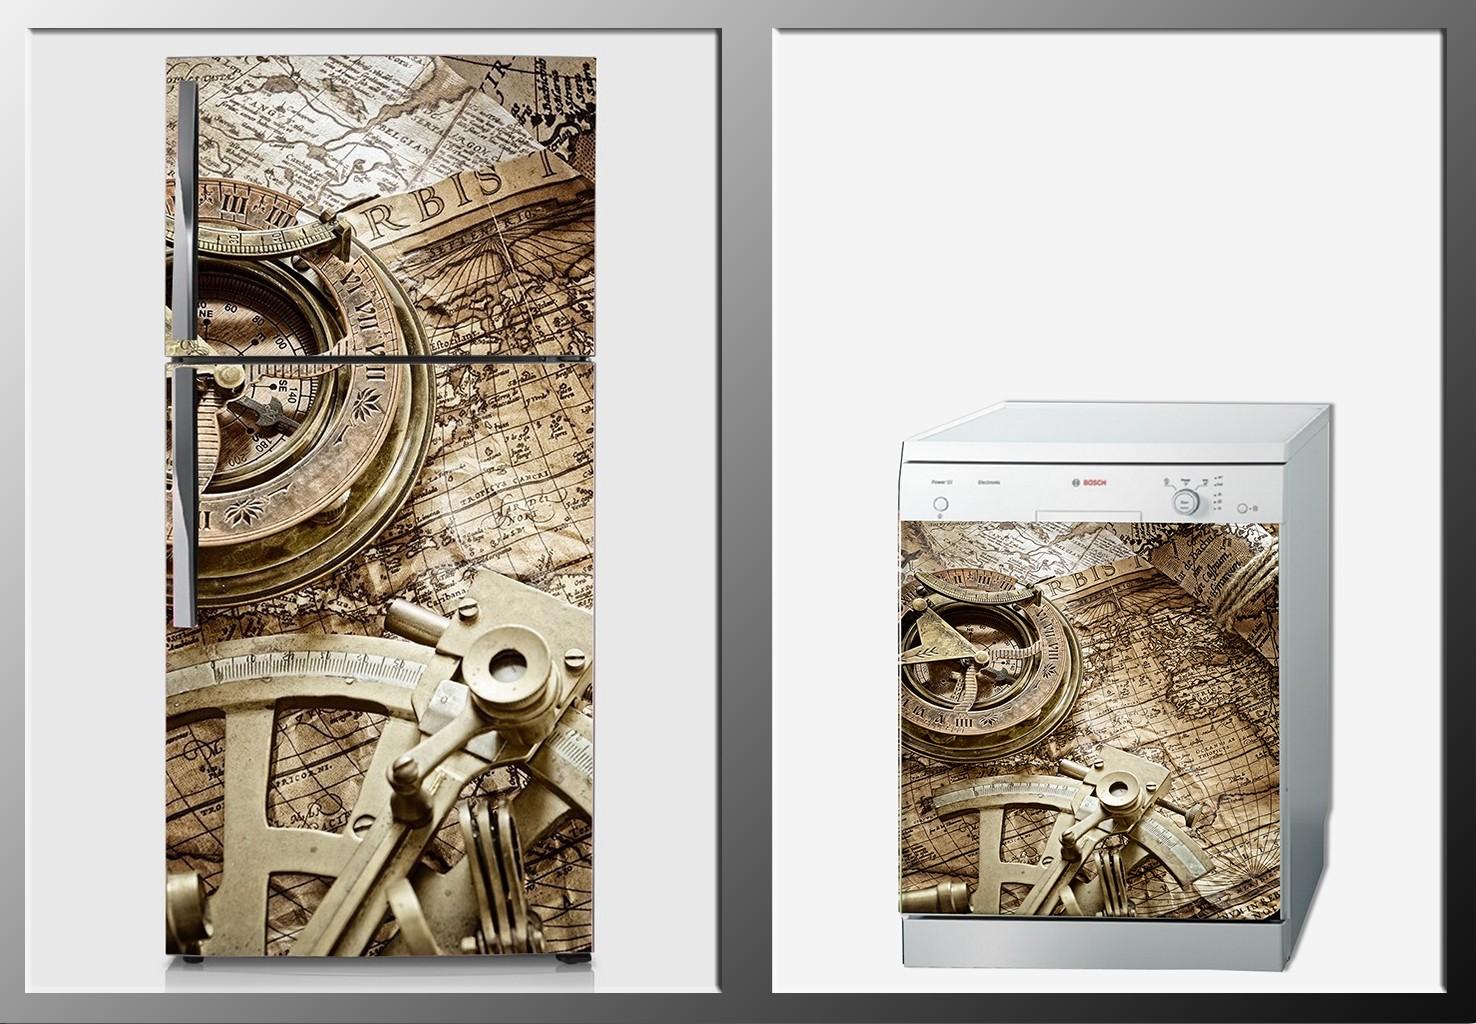 ArtWall Beyaz Eşya Harita Sticker